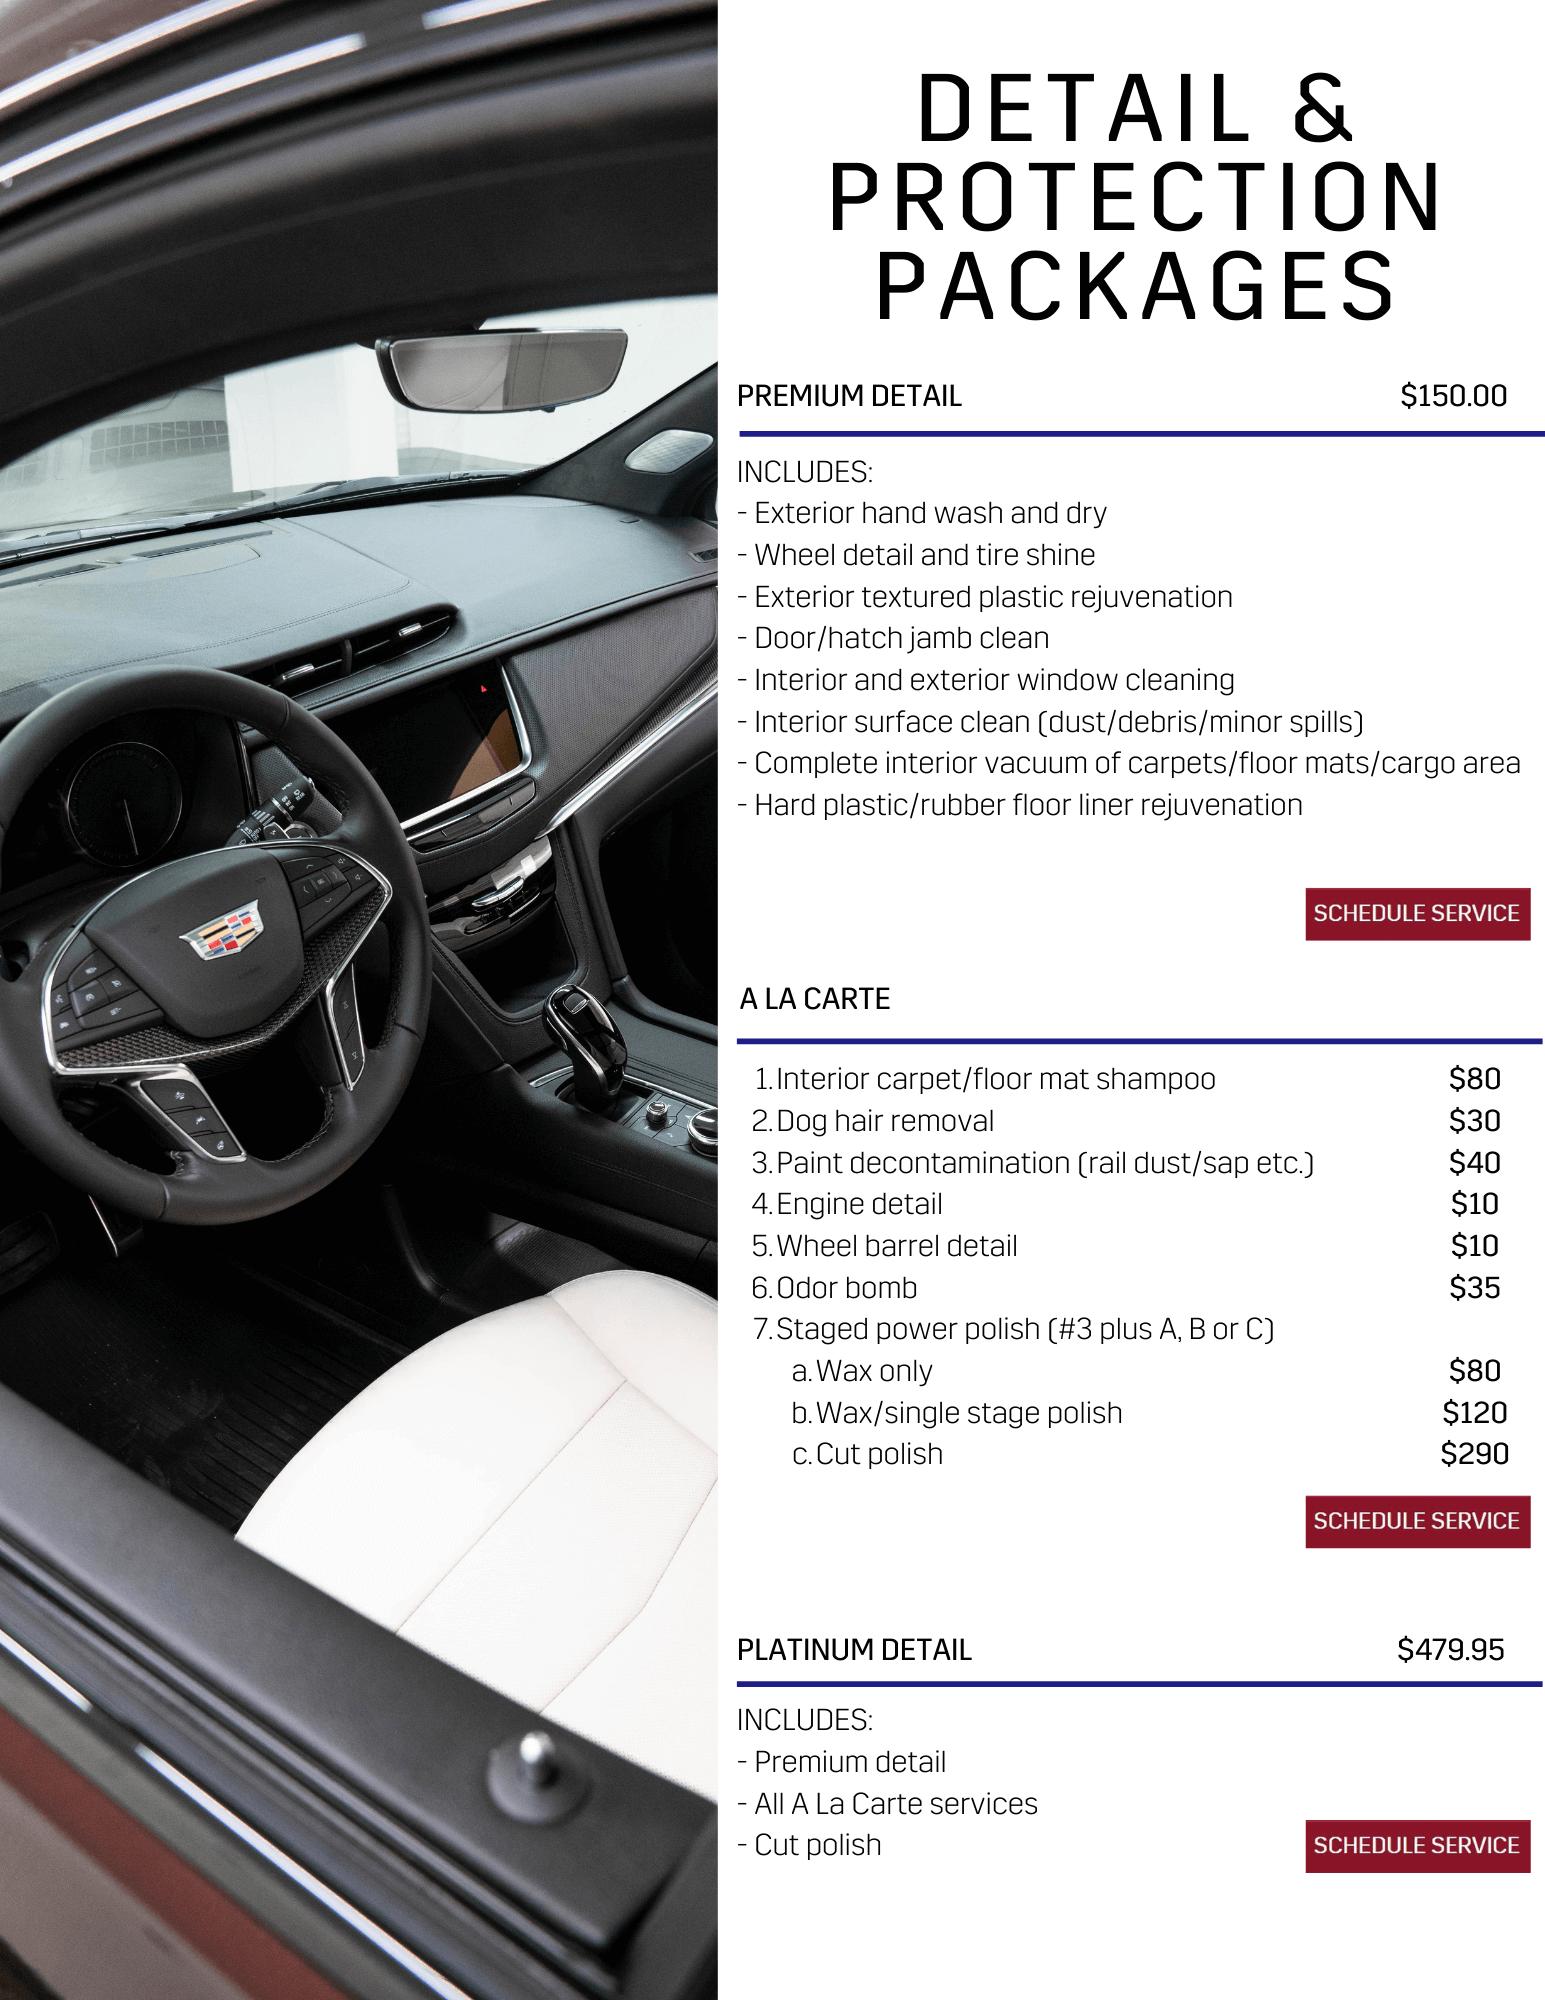 Premium Detail $79.95 + GST